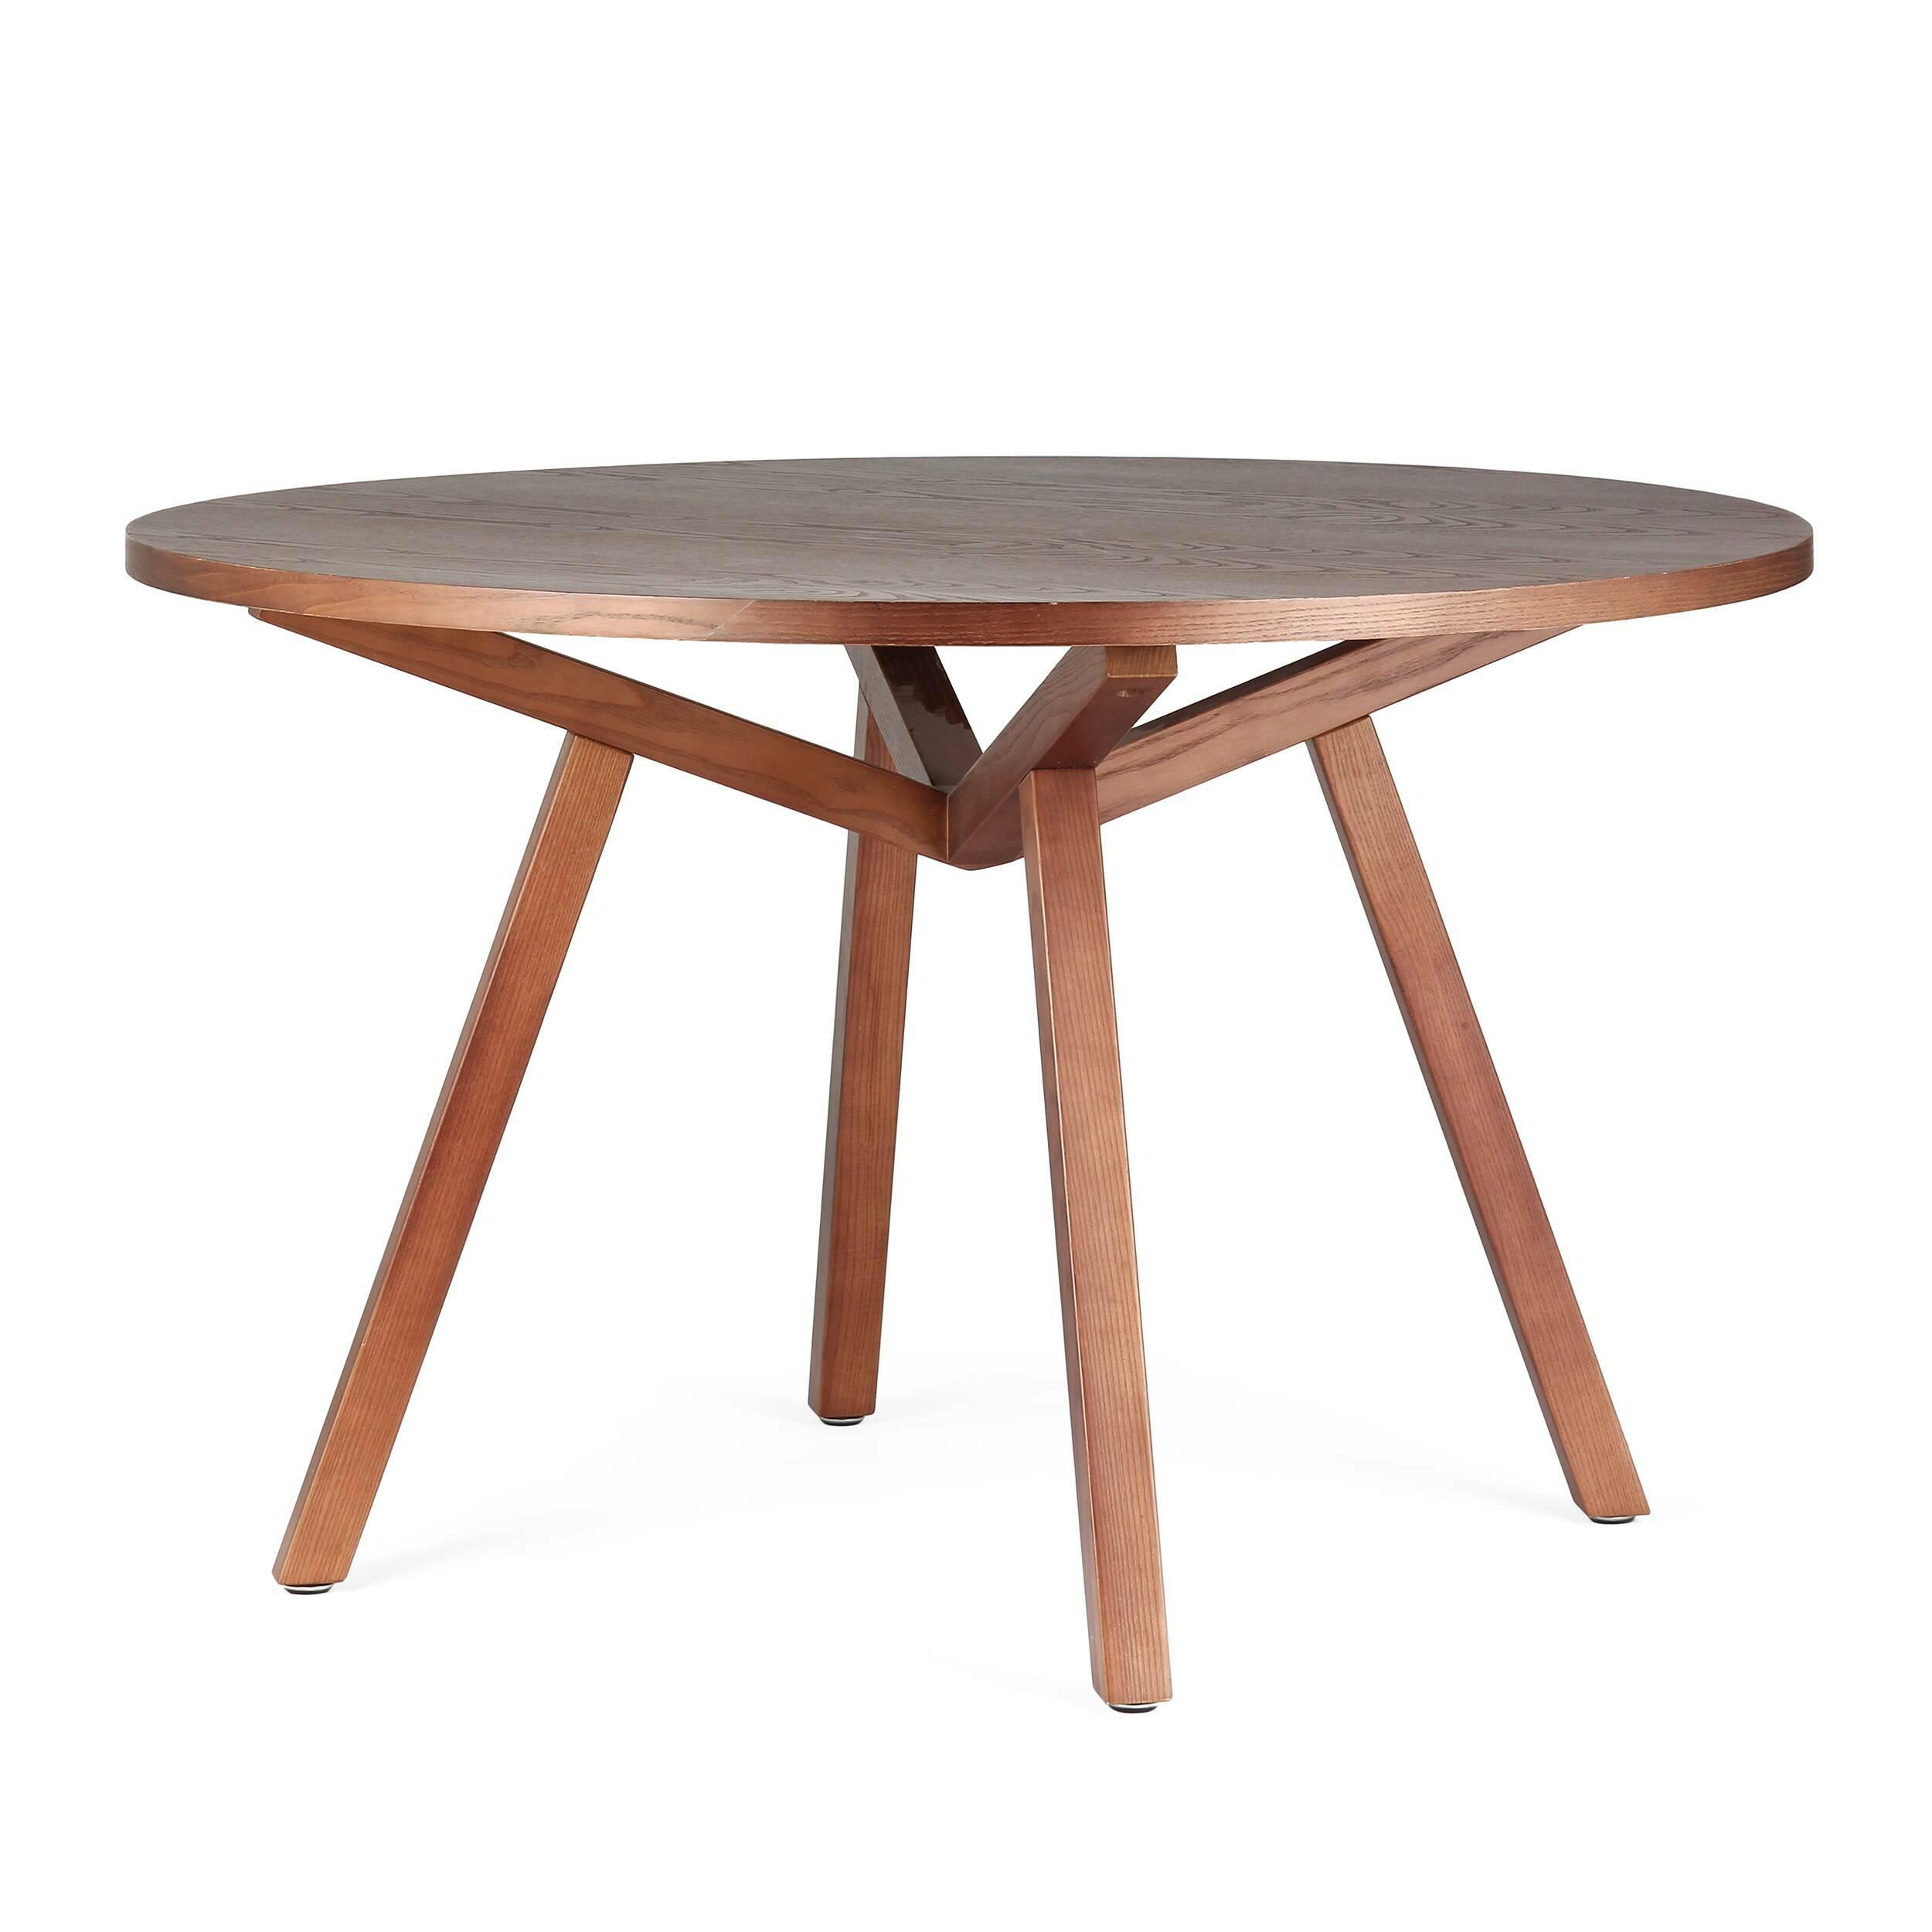 Обеденный стол Forte круглыйОбеденные<br>Дизайнерская круглый обеденный стол Forte (Форте) натурального цвета из дерева на четырех ножках от Cosmo (Космо).<br>         Американский дизайнер, путешественник и человек мира Шон Дикс успел пожить на Фиджи, в Микронезии и на Филиппинах, перед тем как переехать в Сан-Диего, Чикаго, а затем Европу и Гонконг. Его студии — в Милане и Гонконге, а среди его знаменитых клиентов Moschino, Harrods, Bosco di Ciliegi и La Scala. Что же привлекает их всех? Секрет Шона прост: он делает мебель, которая ...<br><br>stock: 2<br>Высота: 74<br>Диаметр: 120<br>Цвет ножек: Орех американский<br>Цвет столешницы: Орех американский<br>Материал ножек: Массив ясеня<br>Материал столешницы: Фанера, шпон ясеня<br>Тип материала столешницы: Фанера<br>Тип материала ножек: Дерево